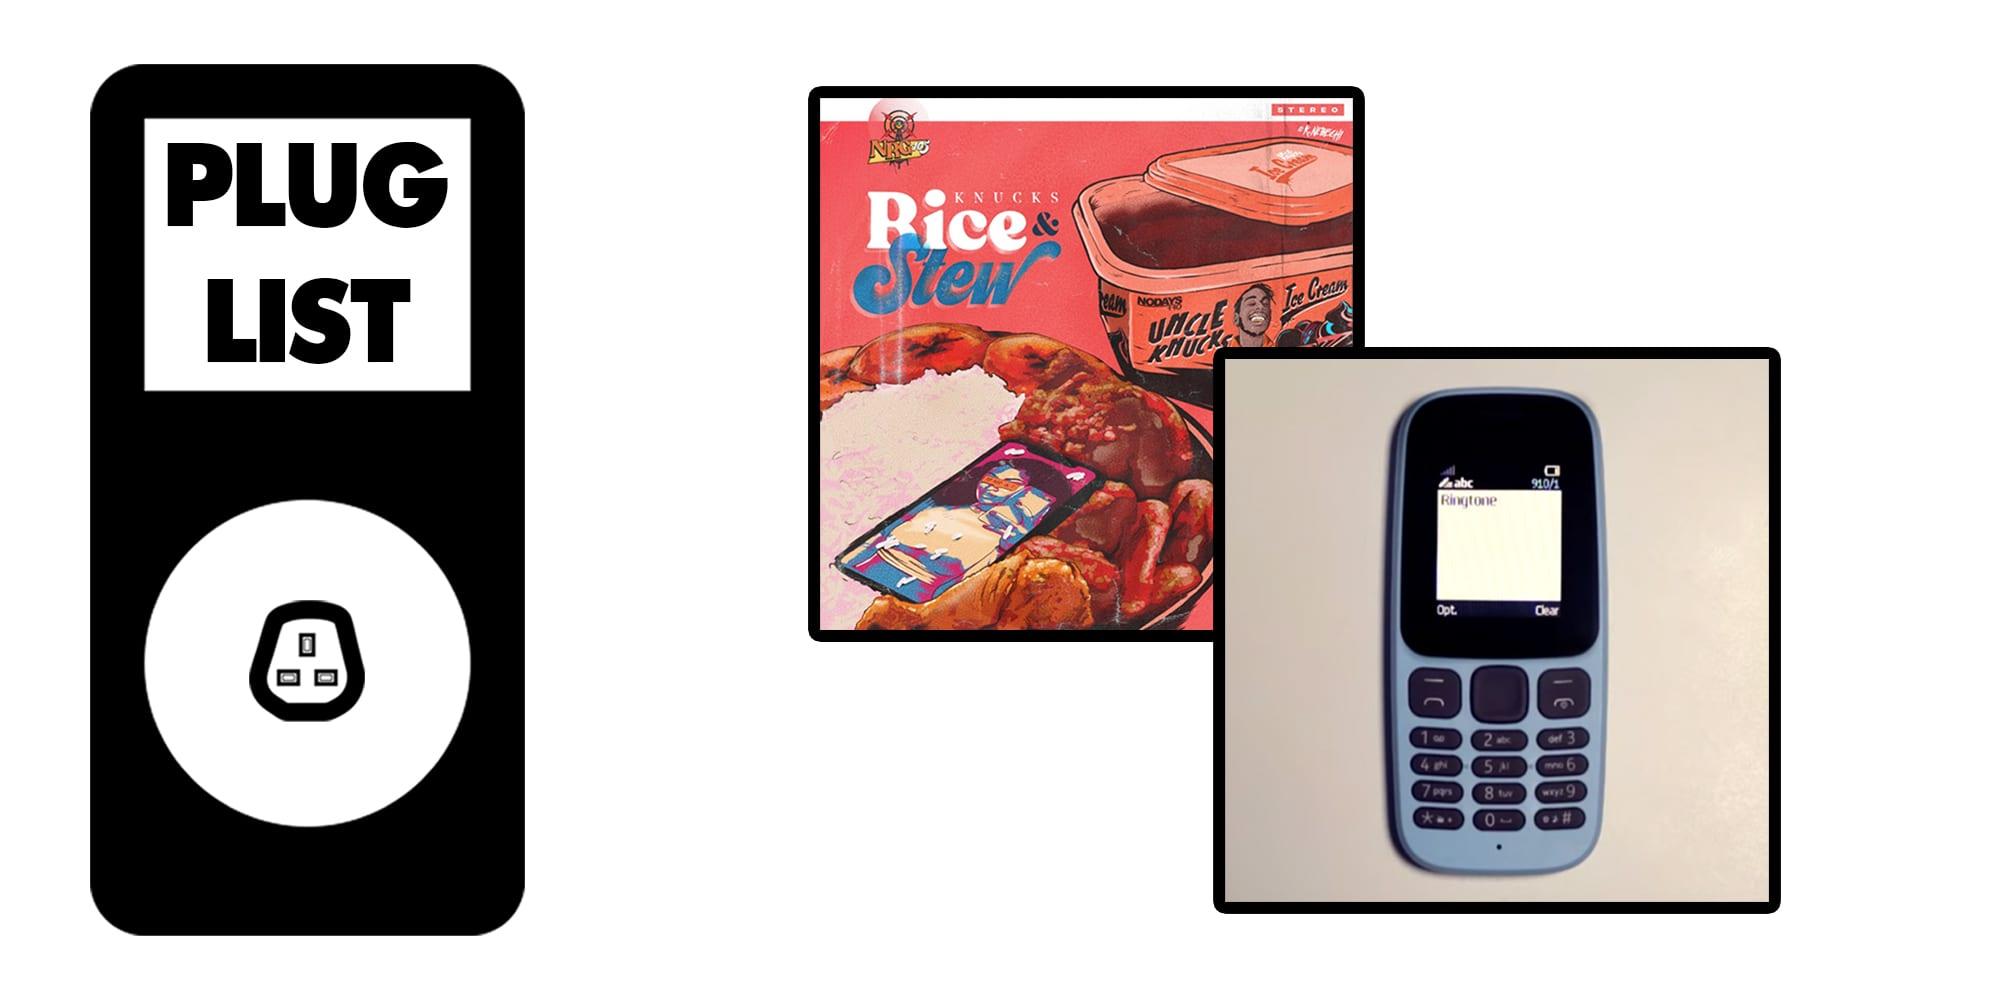 plug list plug list playlist blanco ringtone knucks blanco